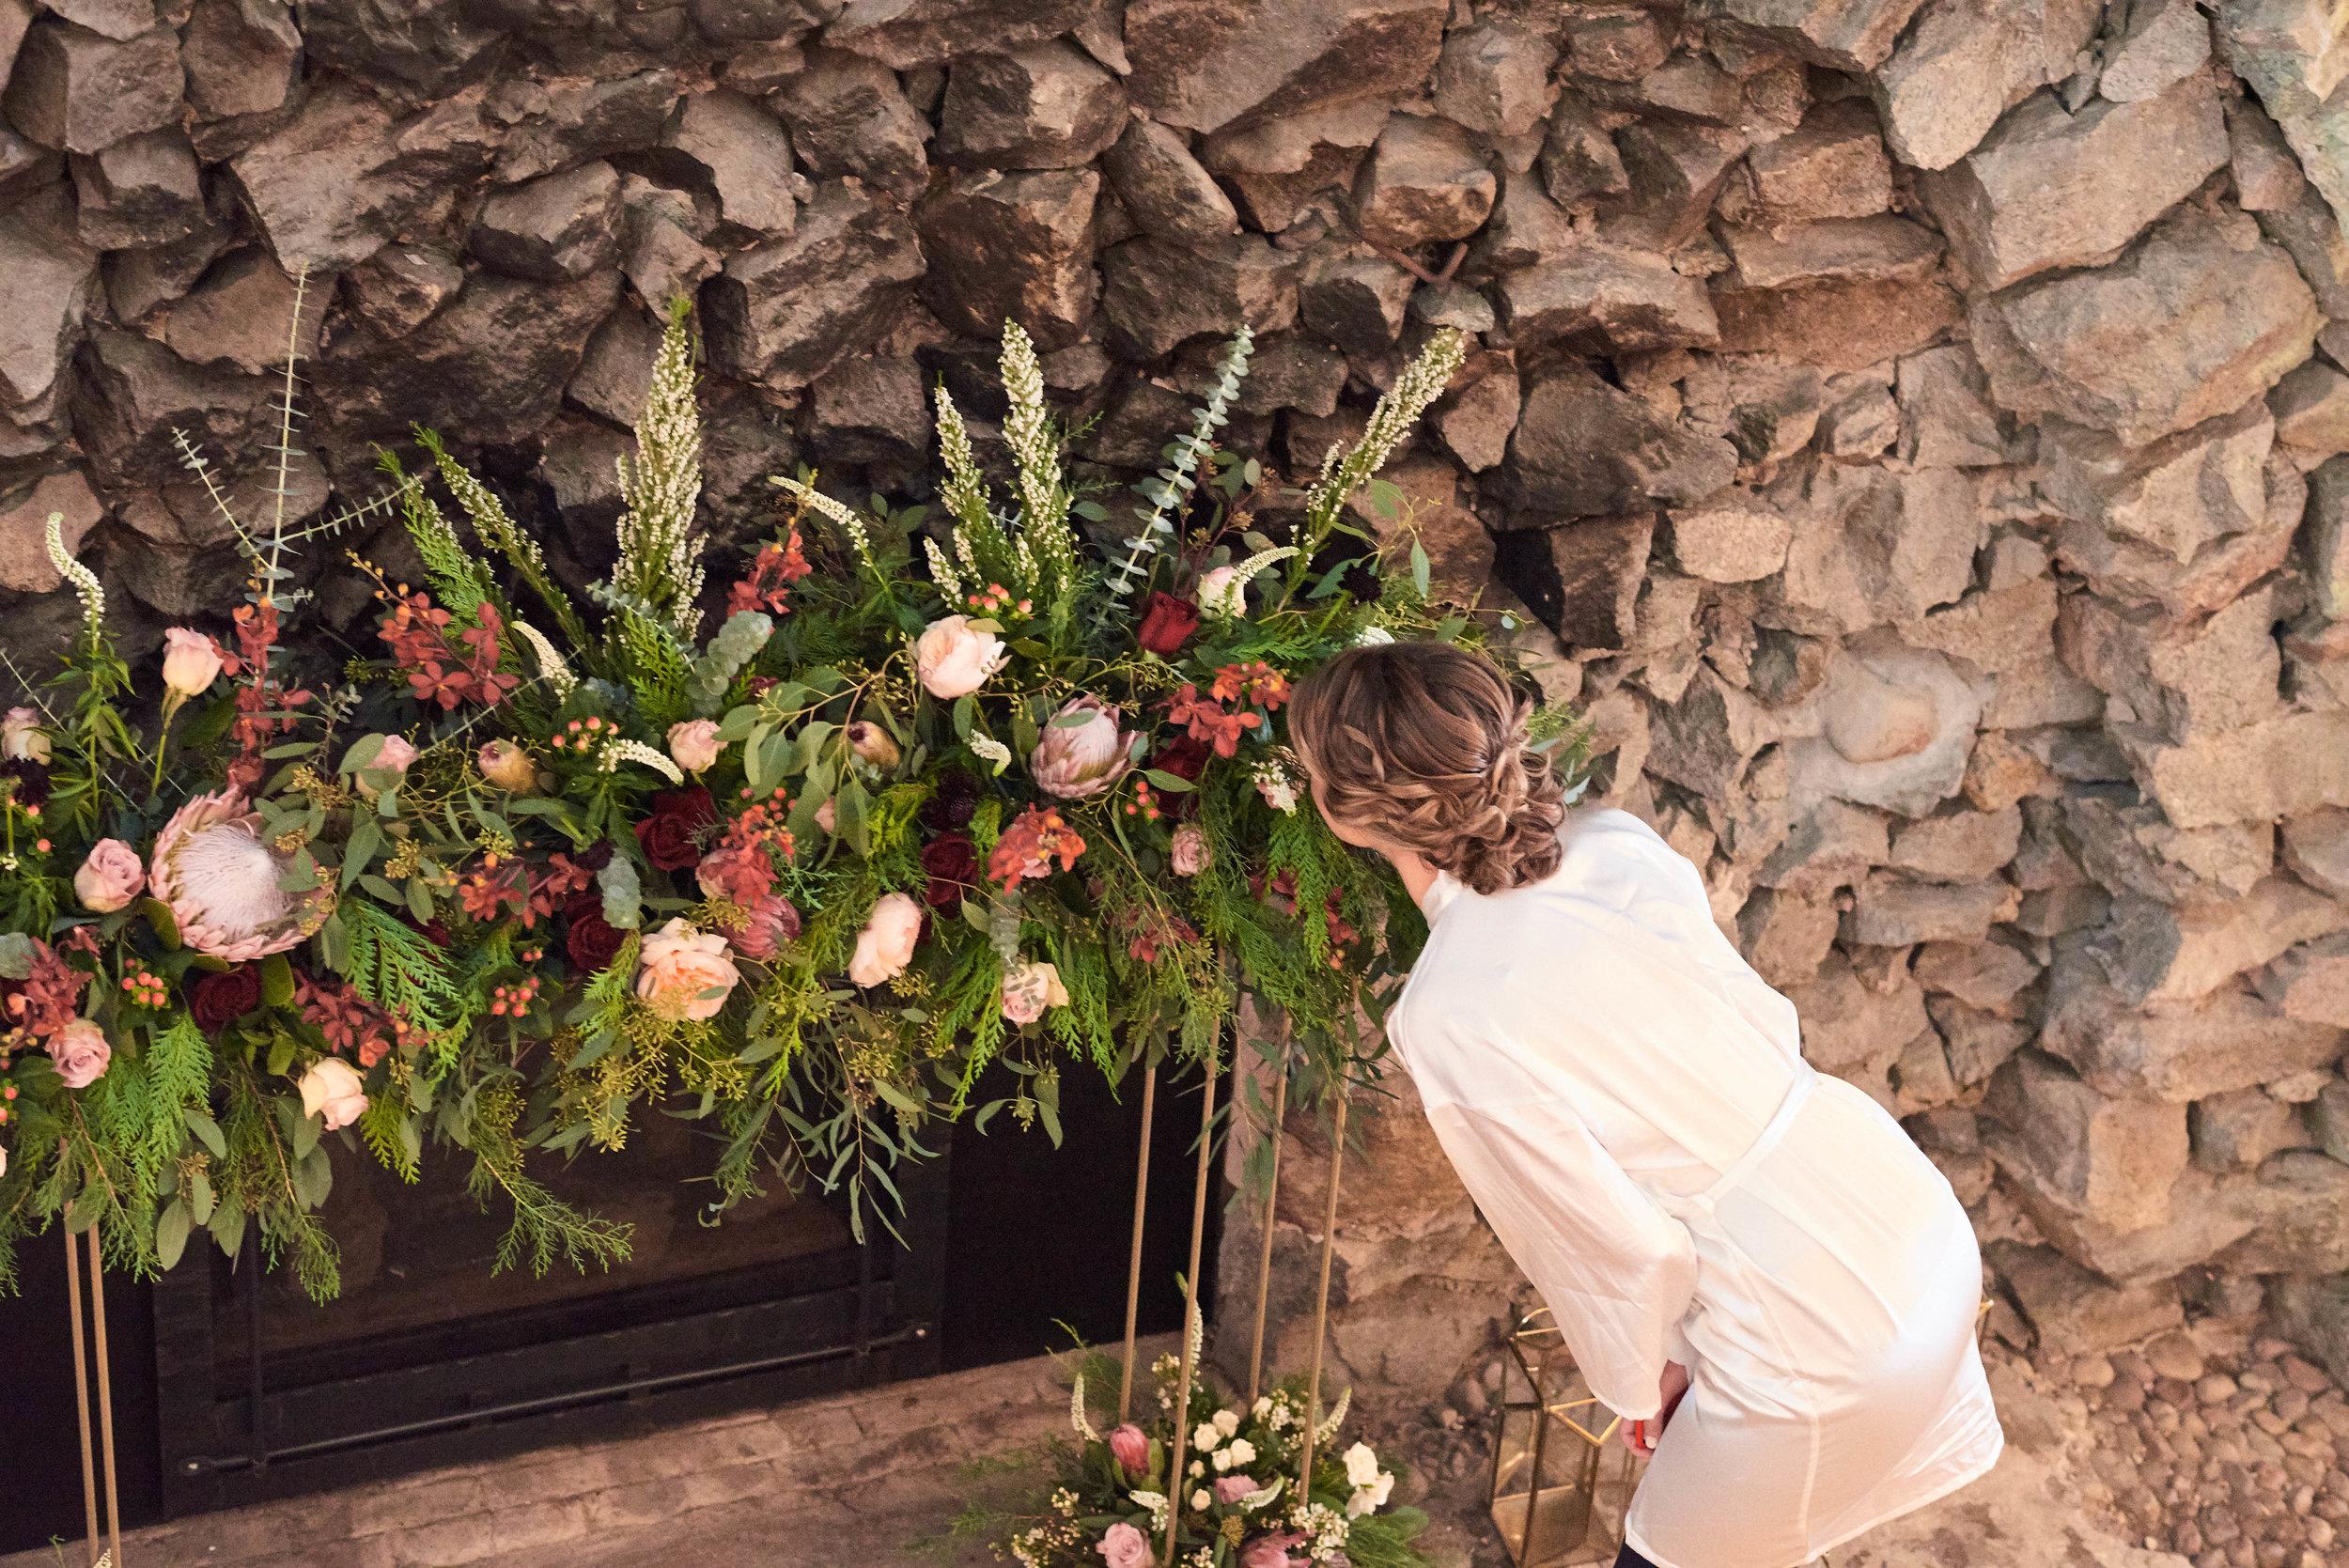 045-rothschild-pavilion-winter-wedding.jpg